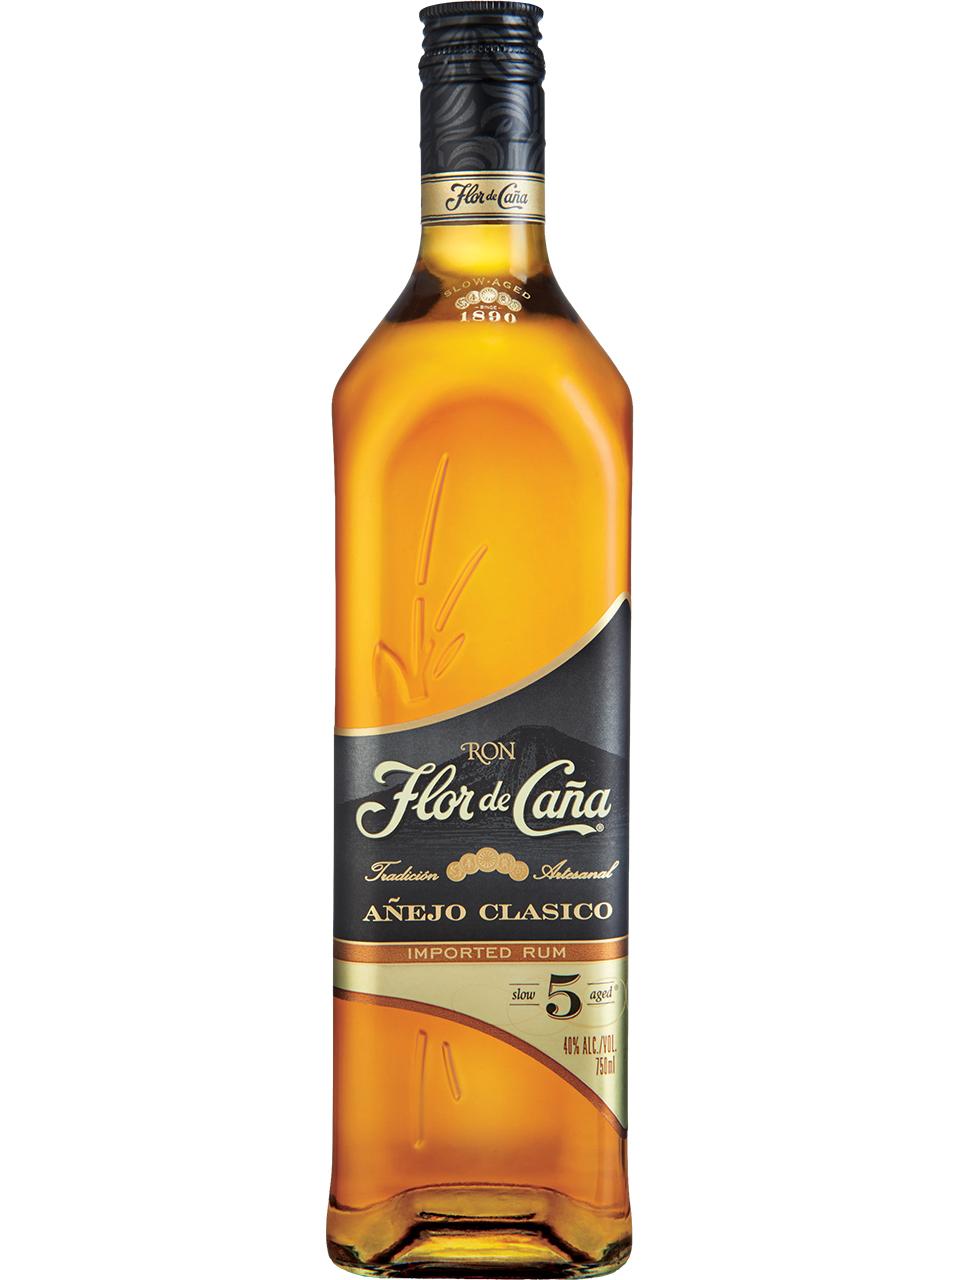 Flor de Cana Anejo Clasico 5 YO Rum